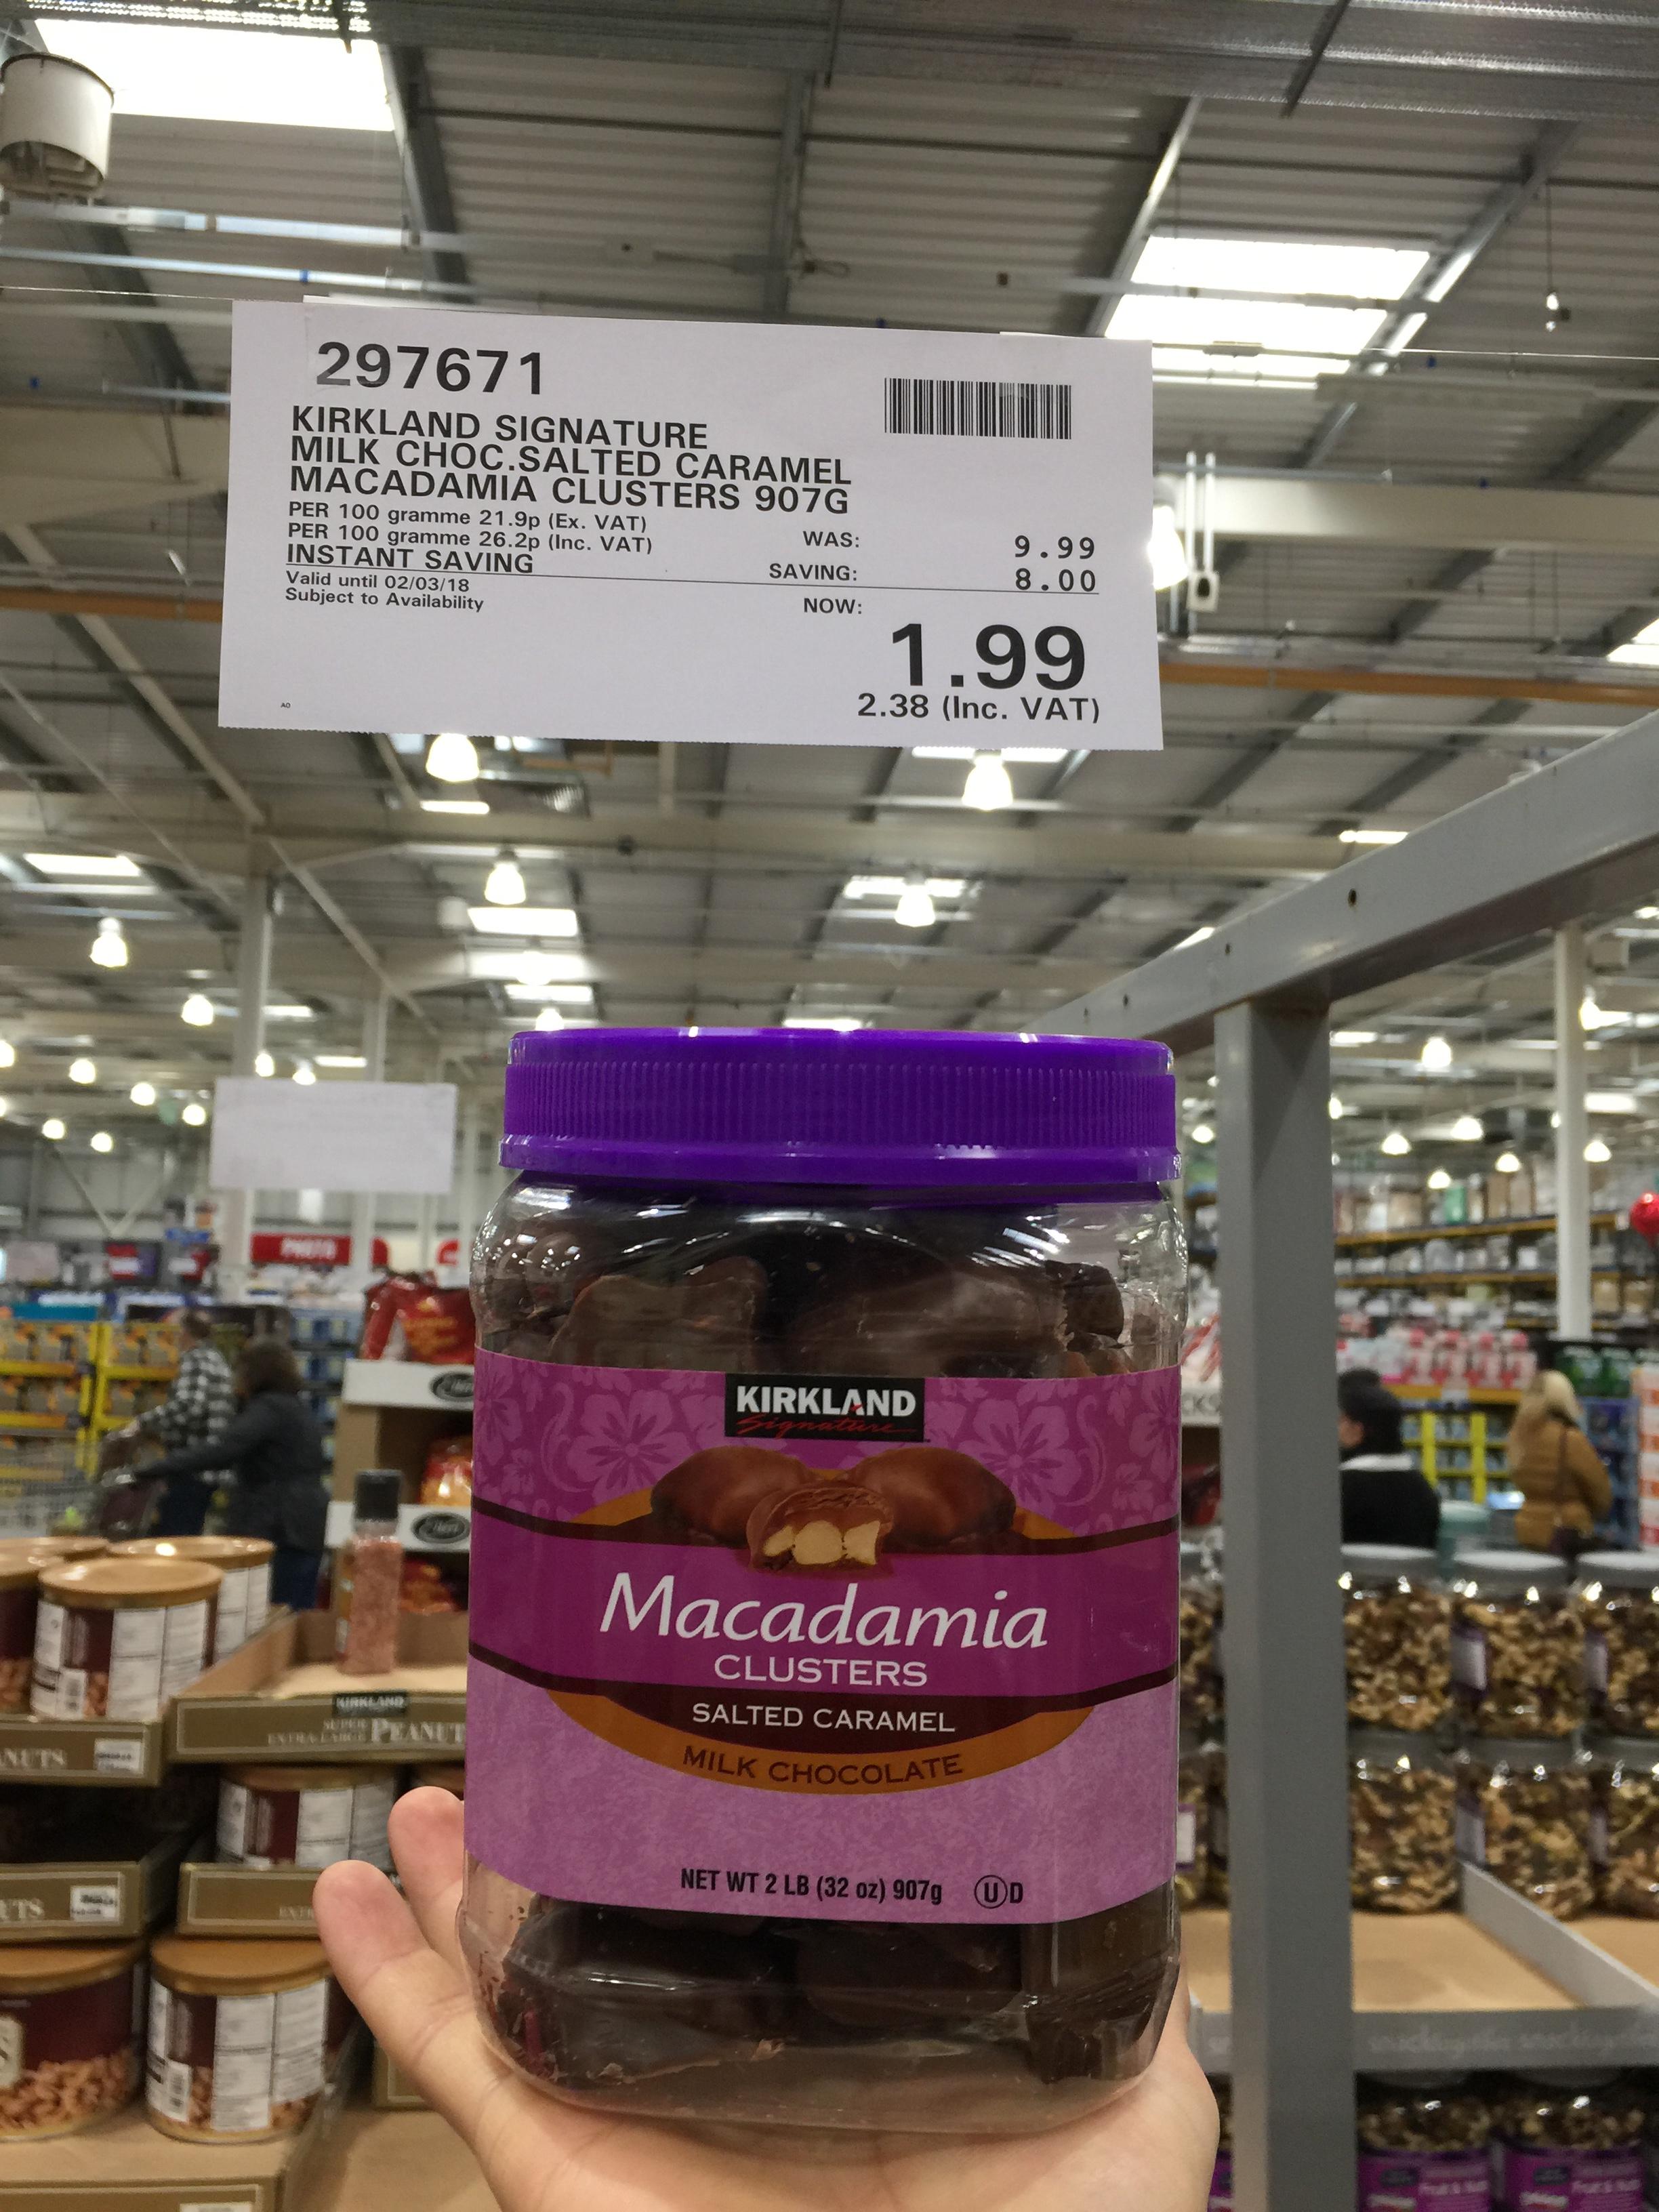 Kirkland Signature salted caramel Macadamia Clusters 2llb £2.38 @ Costco